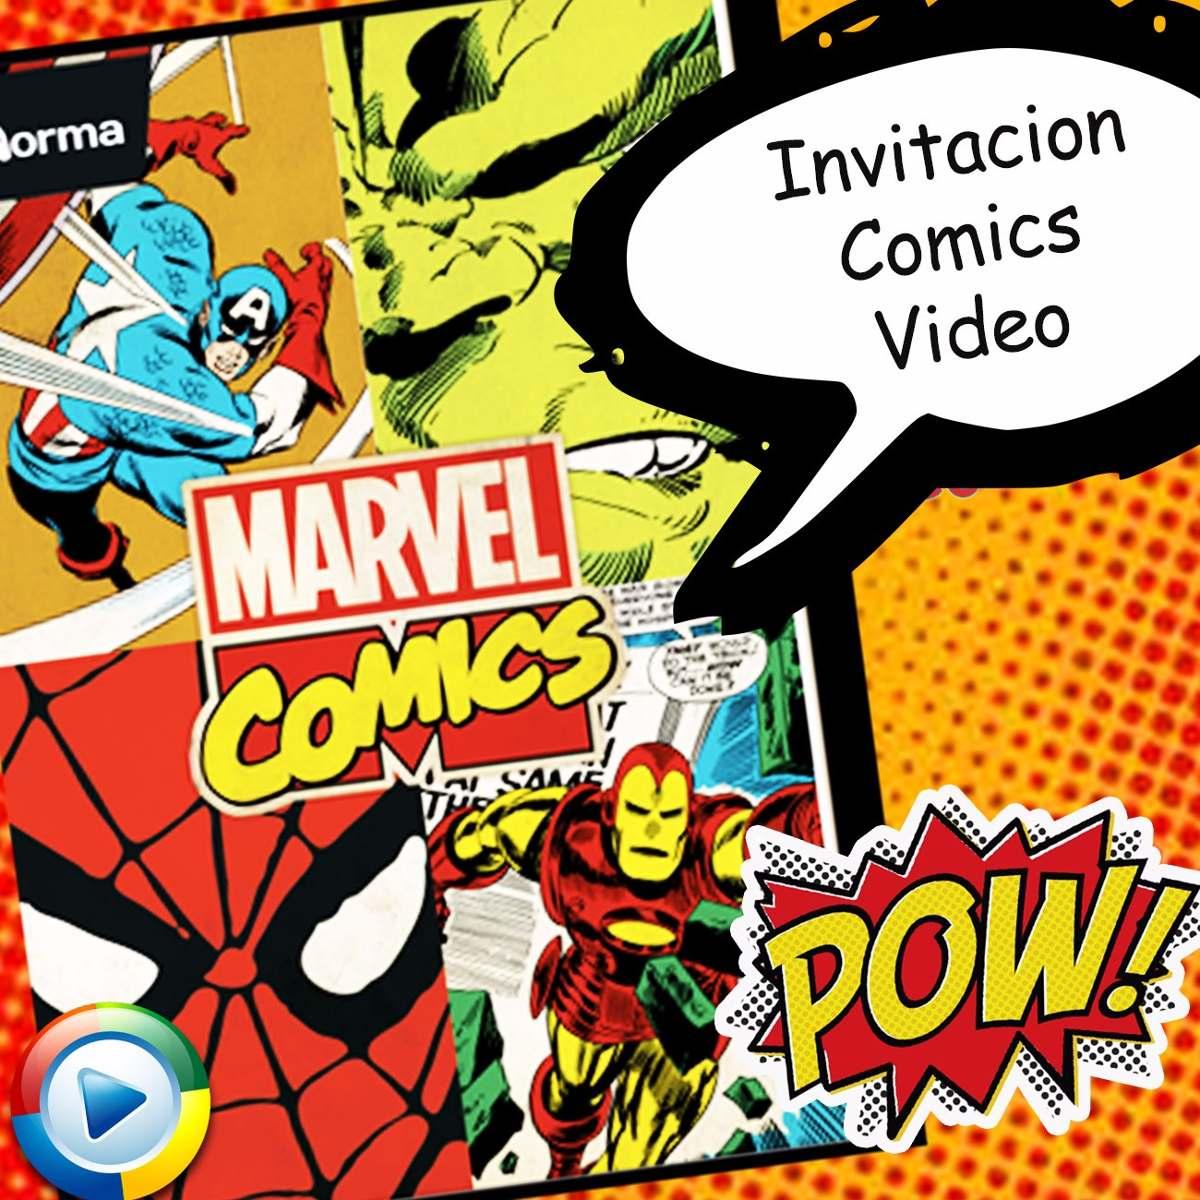 Tarjetas Invitacion Cumpleanos Digital Comics Animada Video Bs 30 - Tarjetas-de-invitacion-cumpleaos